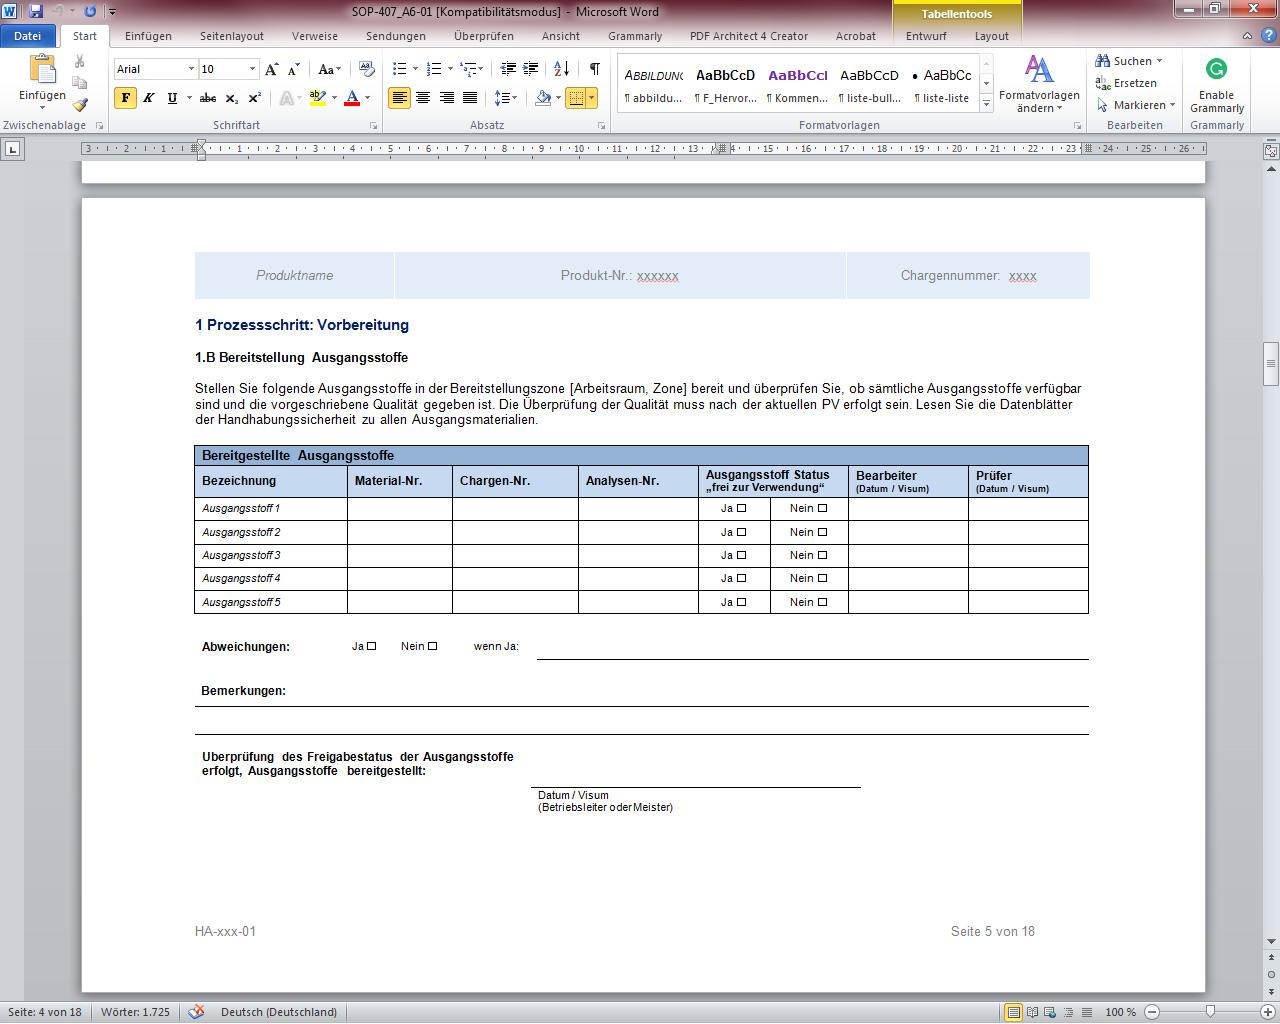 SOP 407-01 Erstellung von Herstellungs- und Verpackungsanweisungen